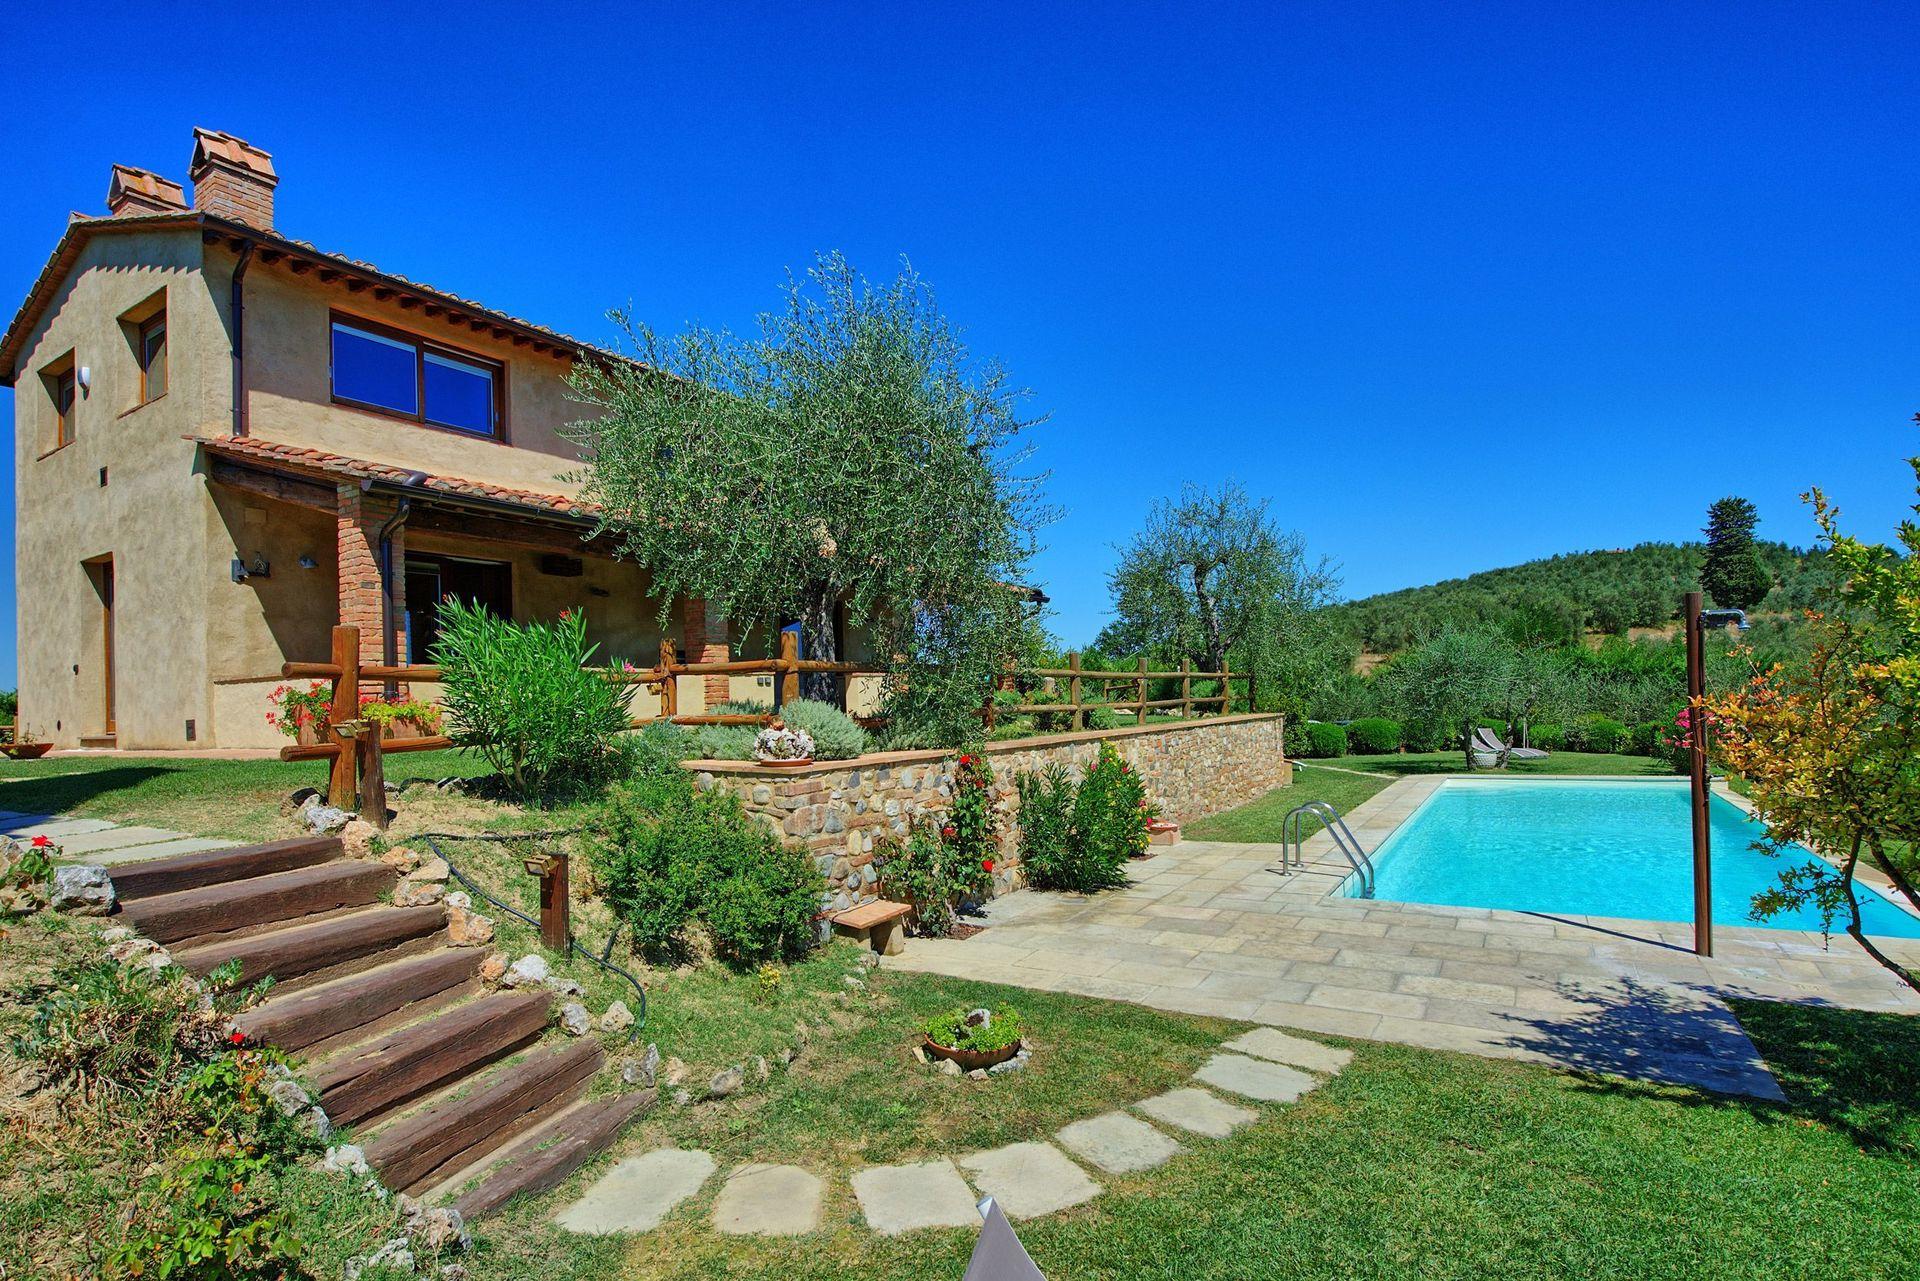 San martino a maiano villa vacation rental villa san for Tuscany villas